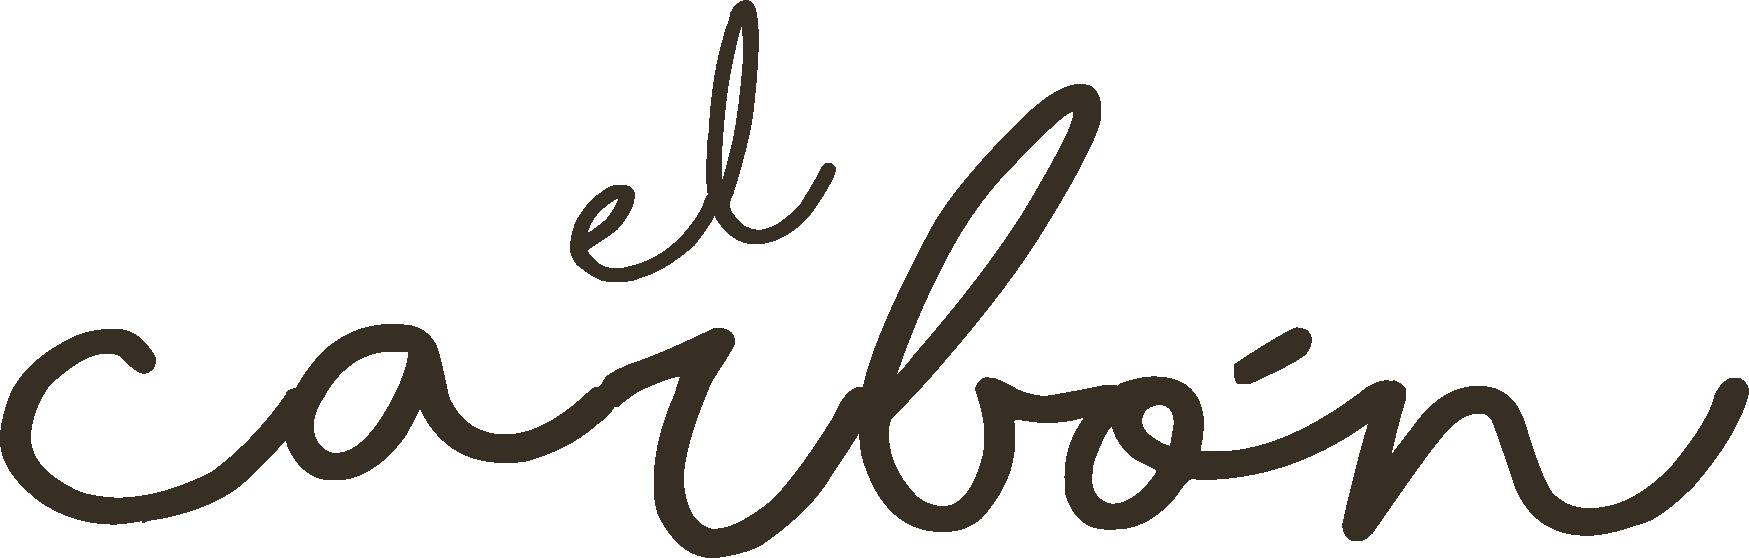 elcarbon - Marrom (10)